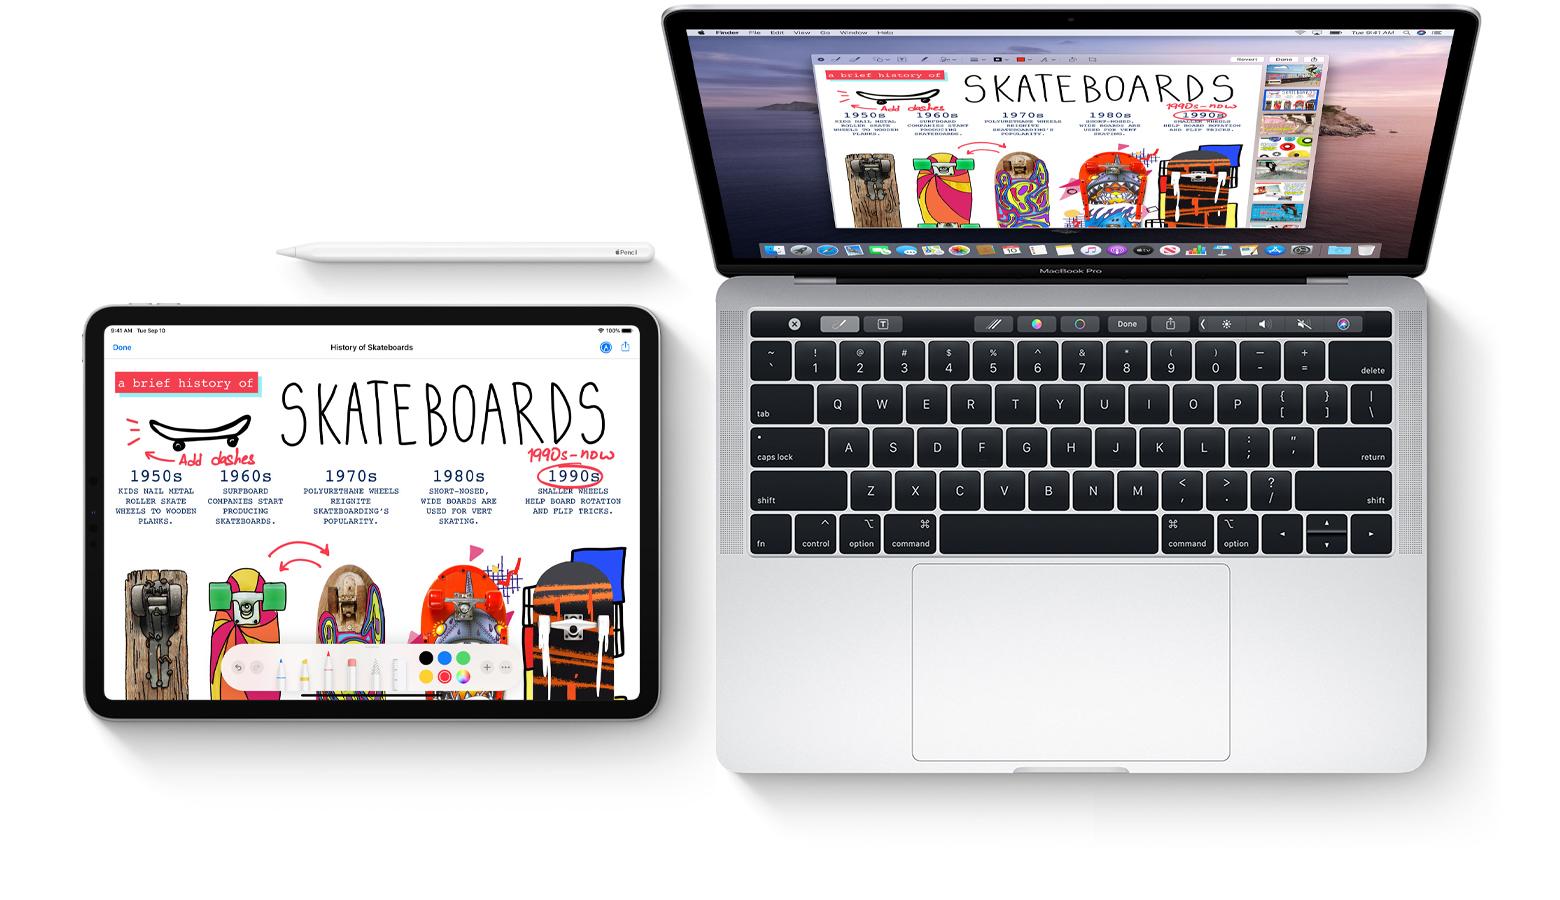 tableta si macbook pe fundal alb